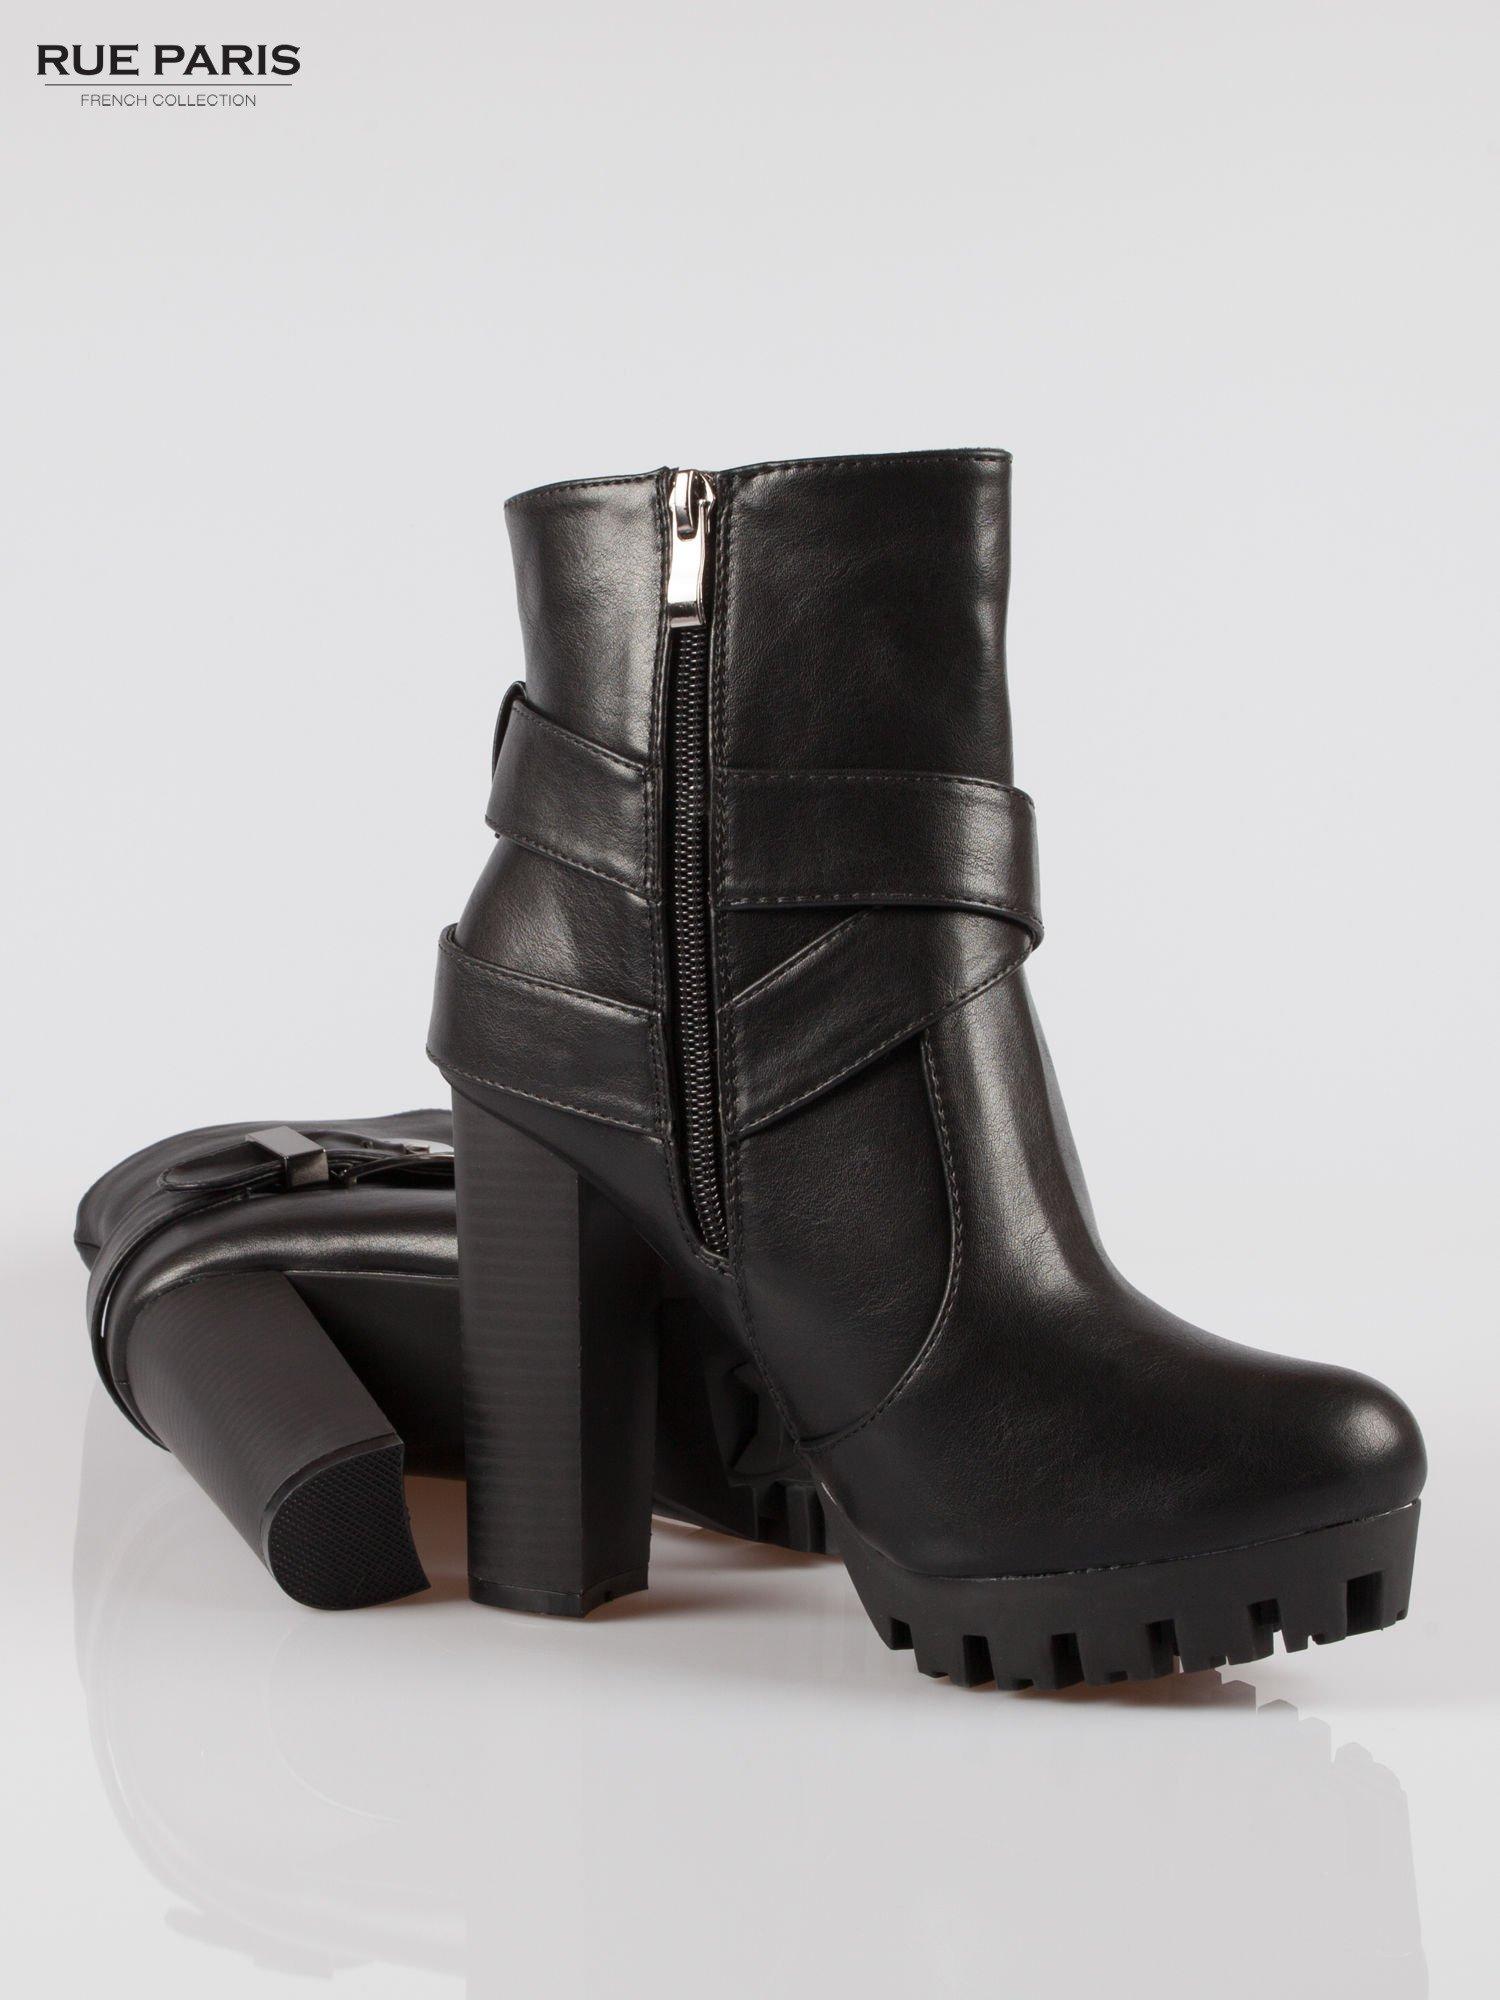 Czarne wysokie botki na platformie w stylu motocyklowym                                  zdj.                                  4